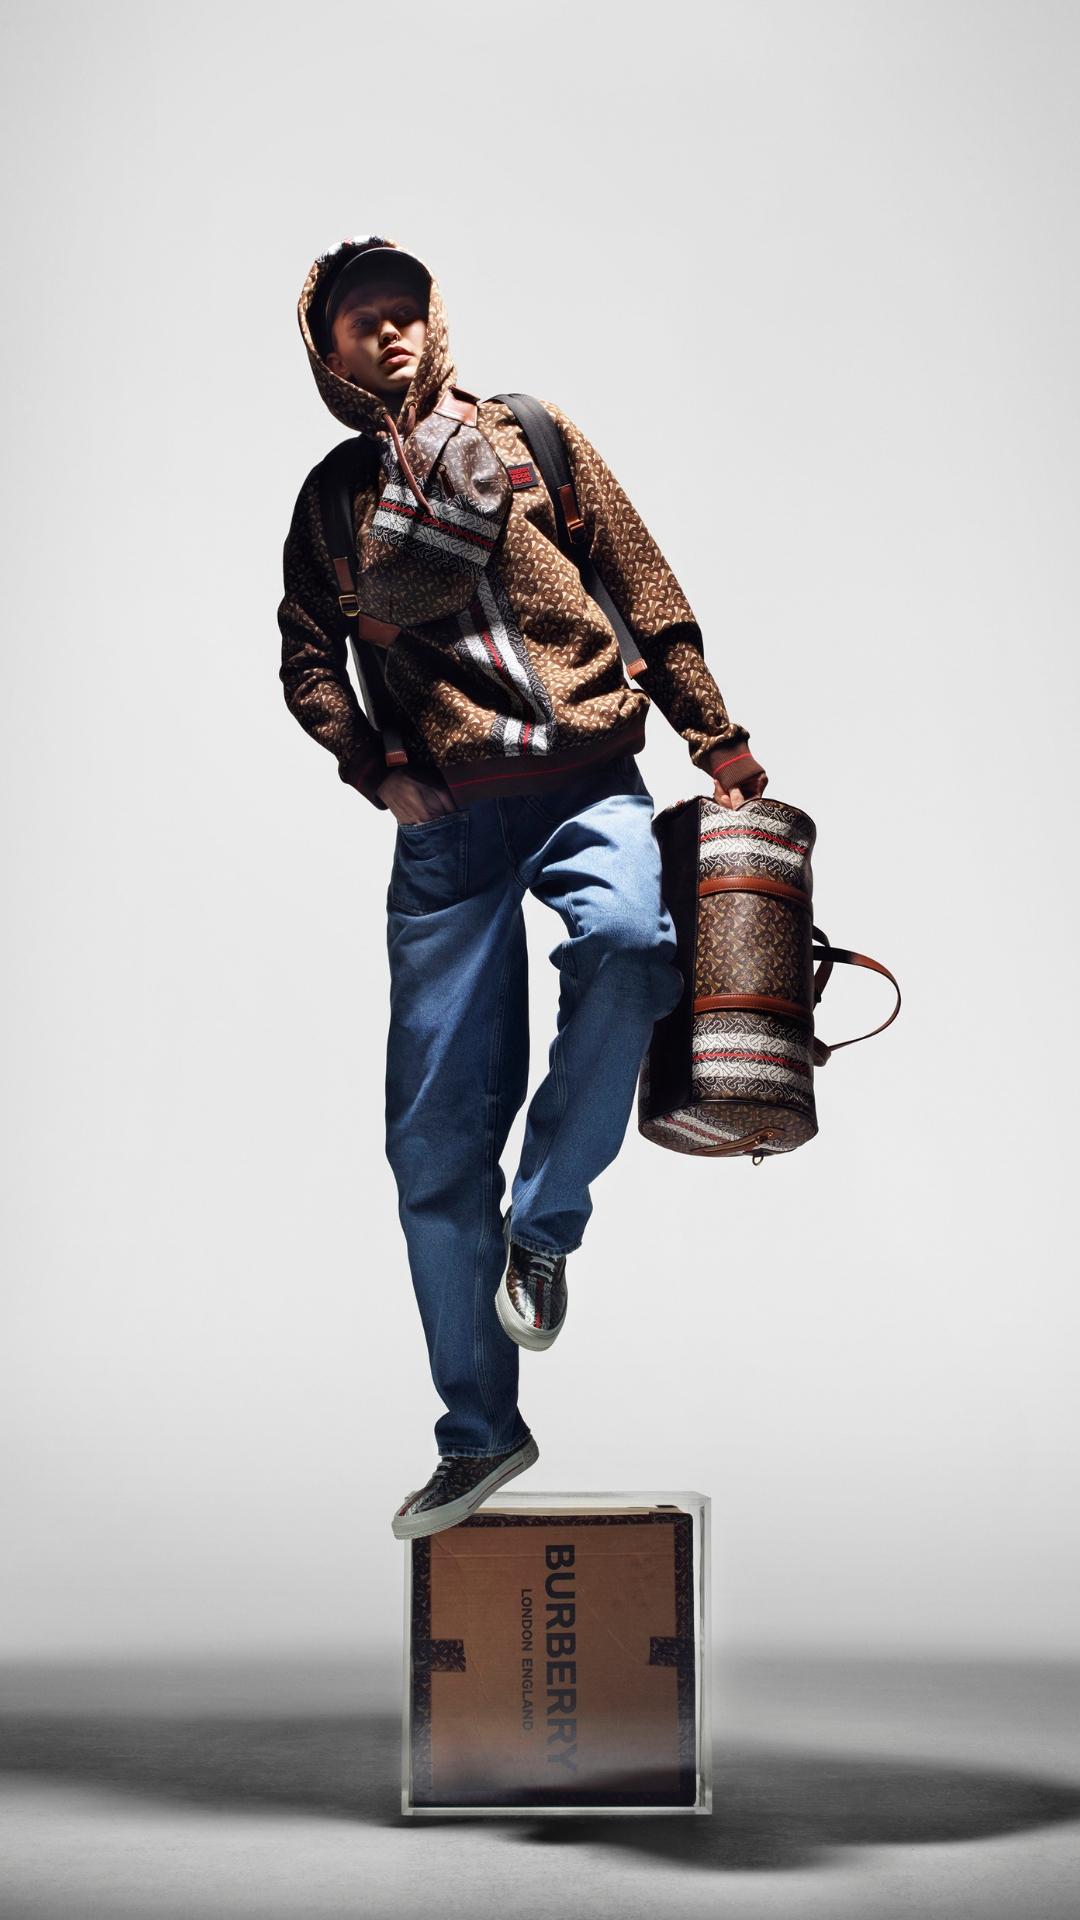 Многоликость: Джиджи Хадид в новой рекламной кампании Burberry-Фото 1